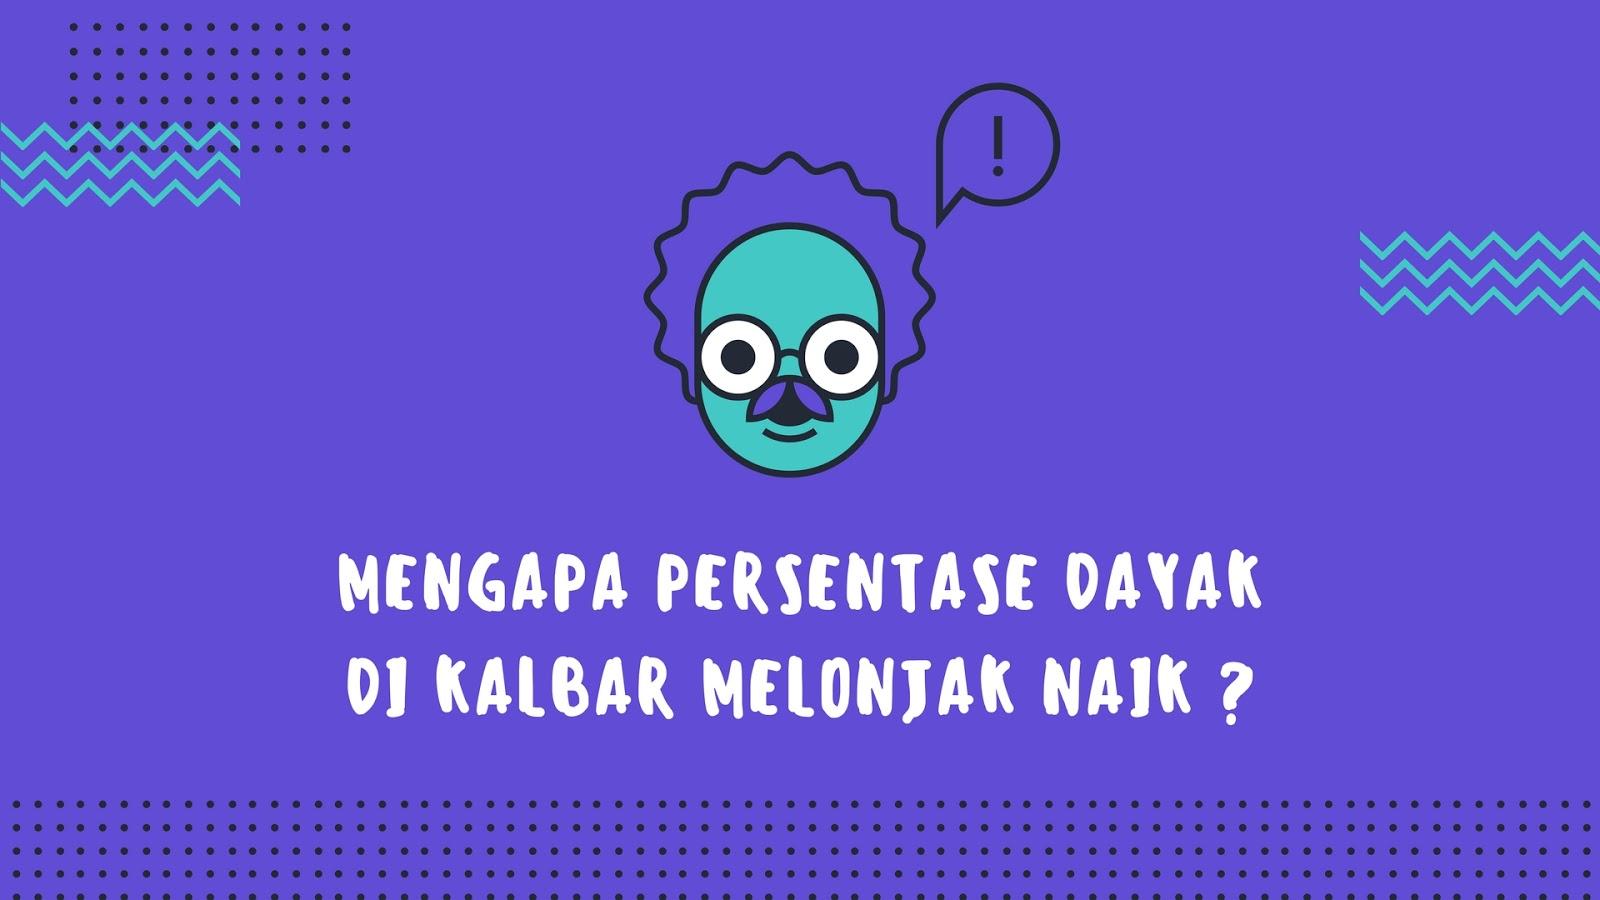 #BPS2010: Mengapa Persentase Dayak di Kalbar Melonjak Naik ?